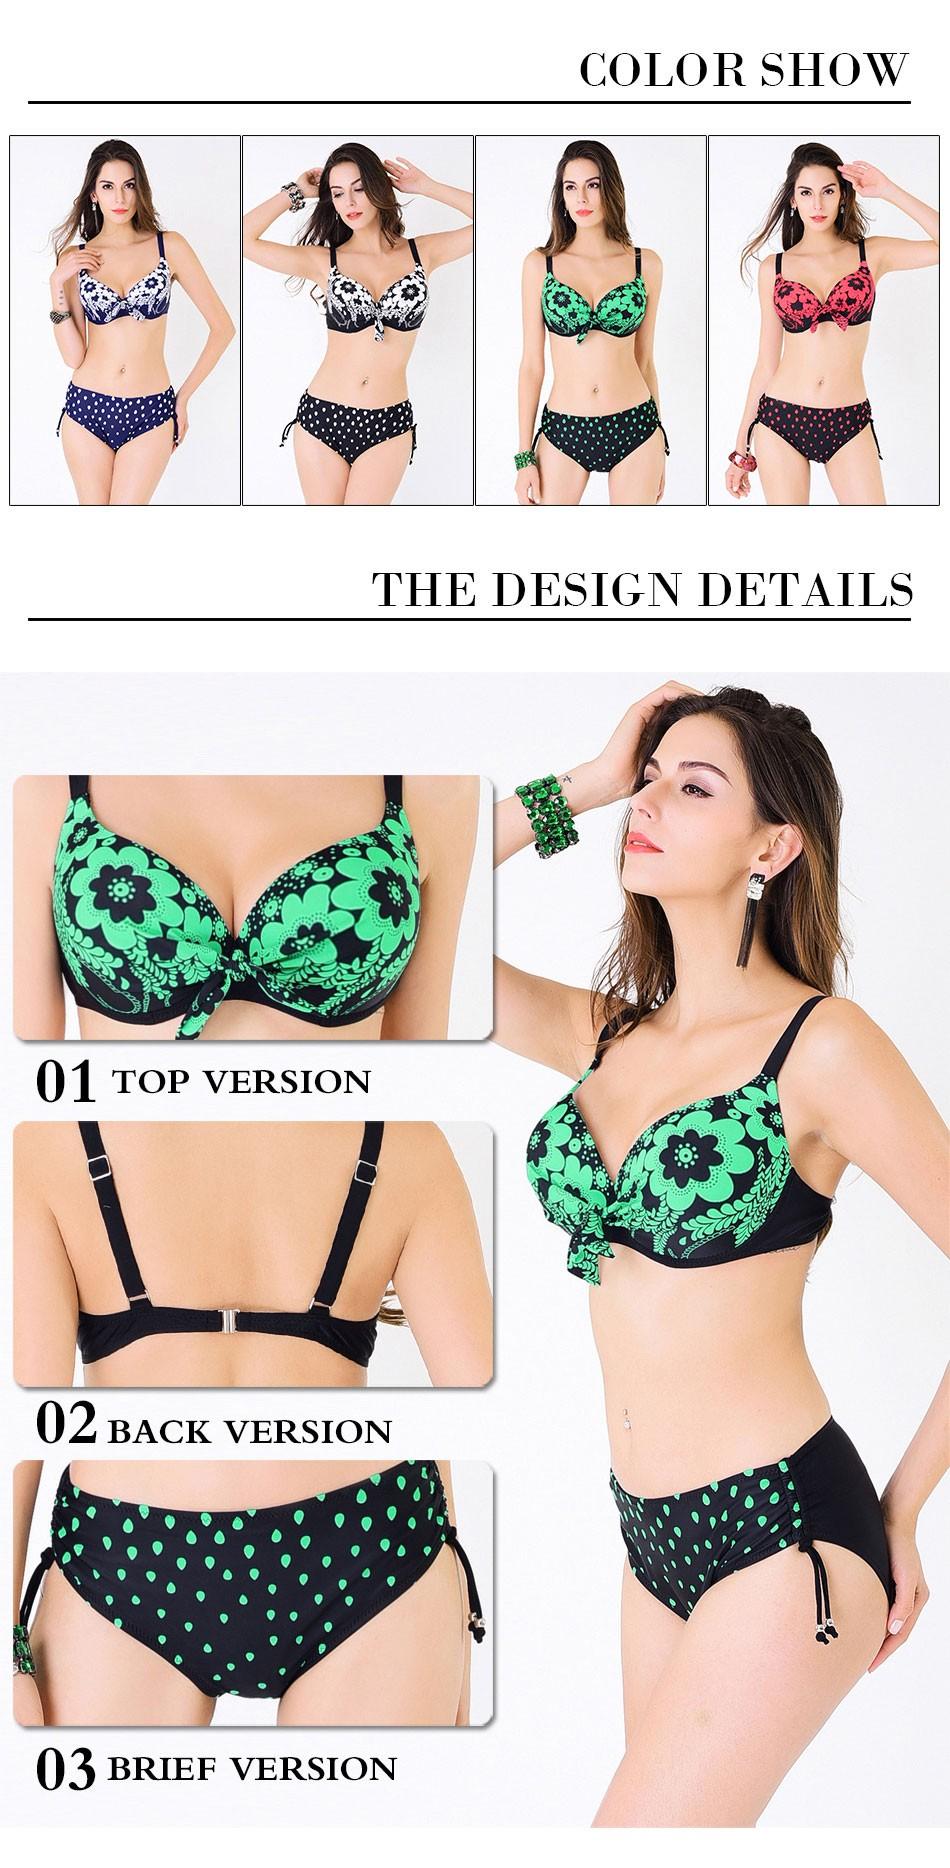 plus size swimwear plavky swimsuit women Swimwear bikini 16 bikini set swimsuit solid female Large Size Swimwear bathing suit 4